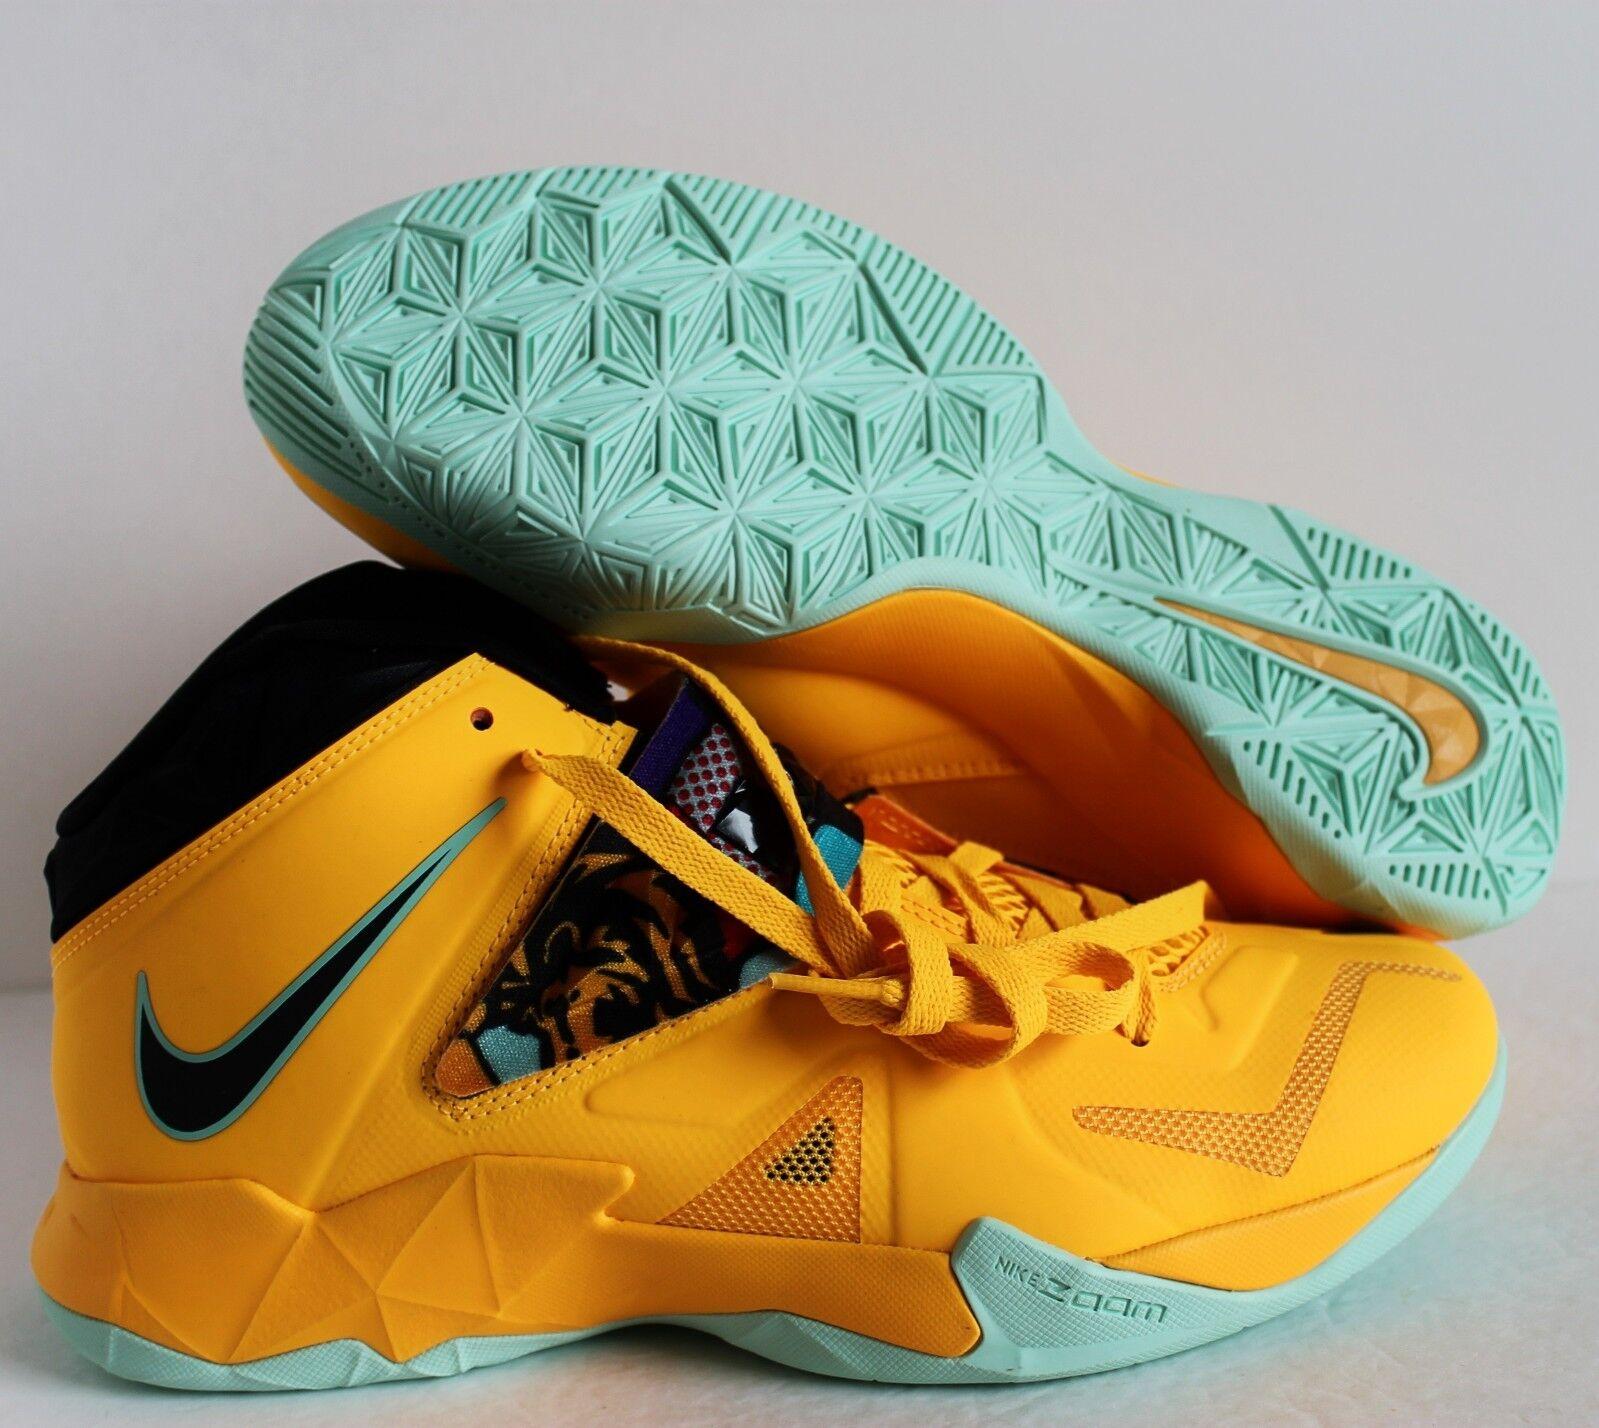 Nike Hombres NaranjaNegroPúrpura Zoom Soldier VII Láser NaranjaNegroPúrpura Hombres [599264800] 0e2863